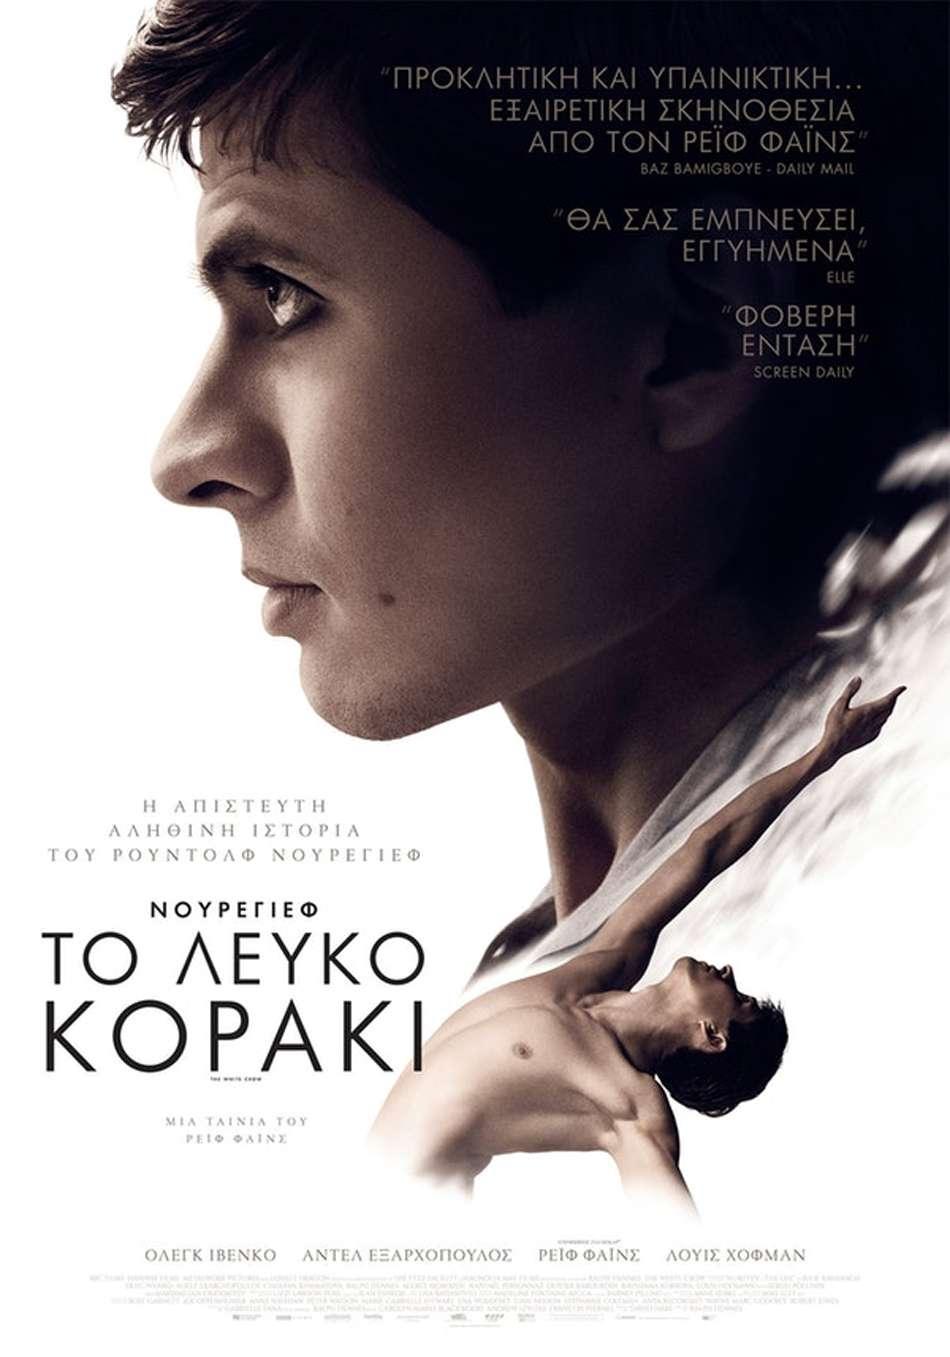 Νουρέγιεφ: Το Λευκό Κοράκι (The White Crow) Poster Πόστερ